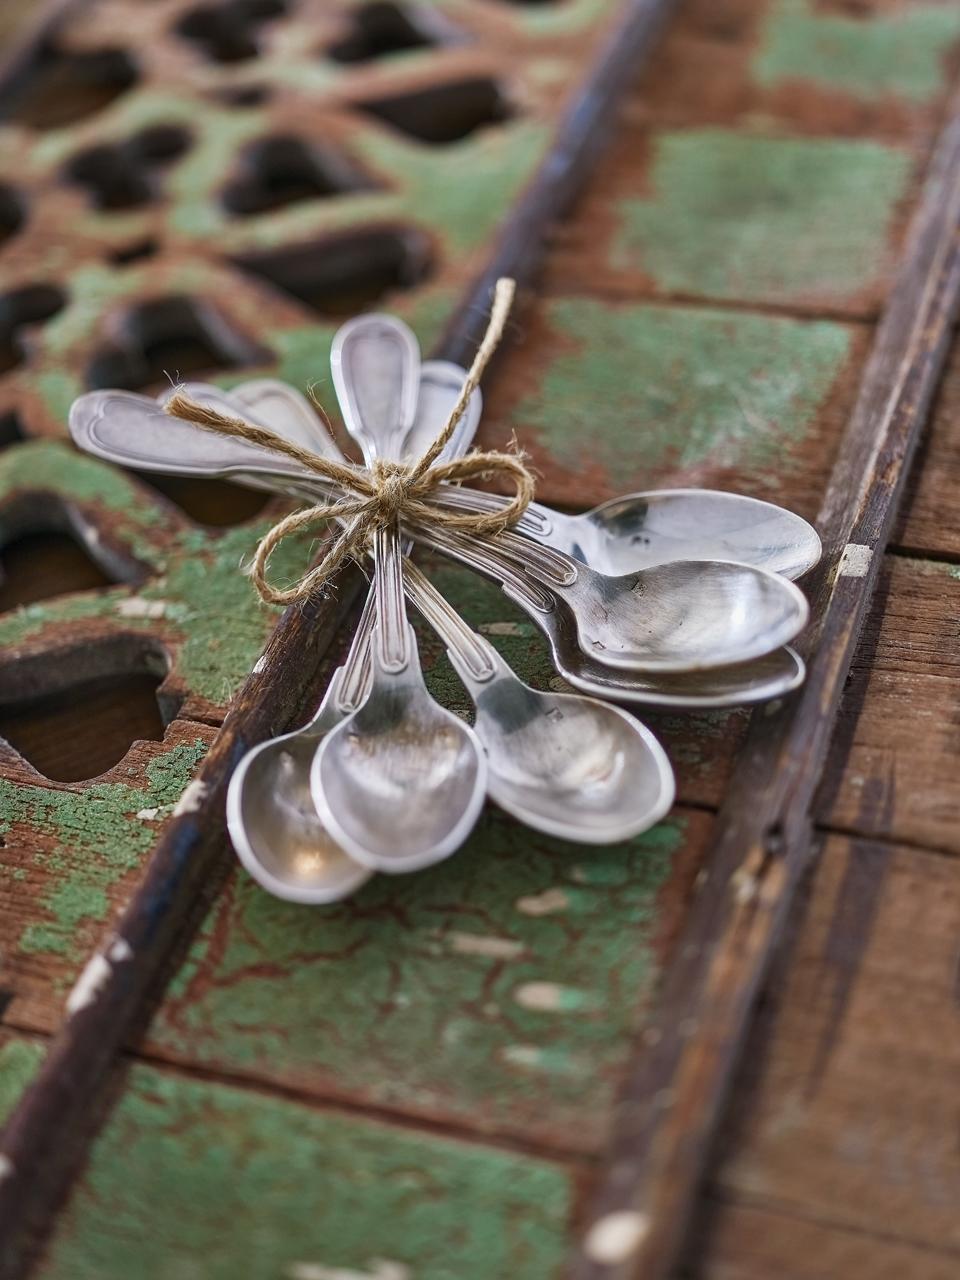 cuillière attachées avec ficelle sur pièce de bois